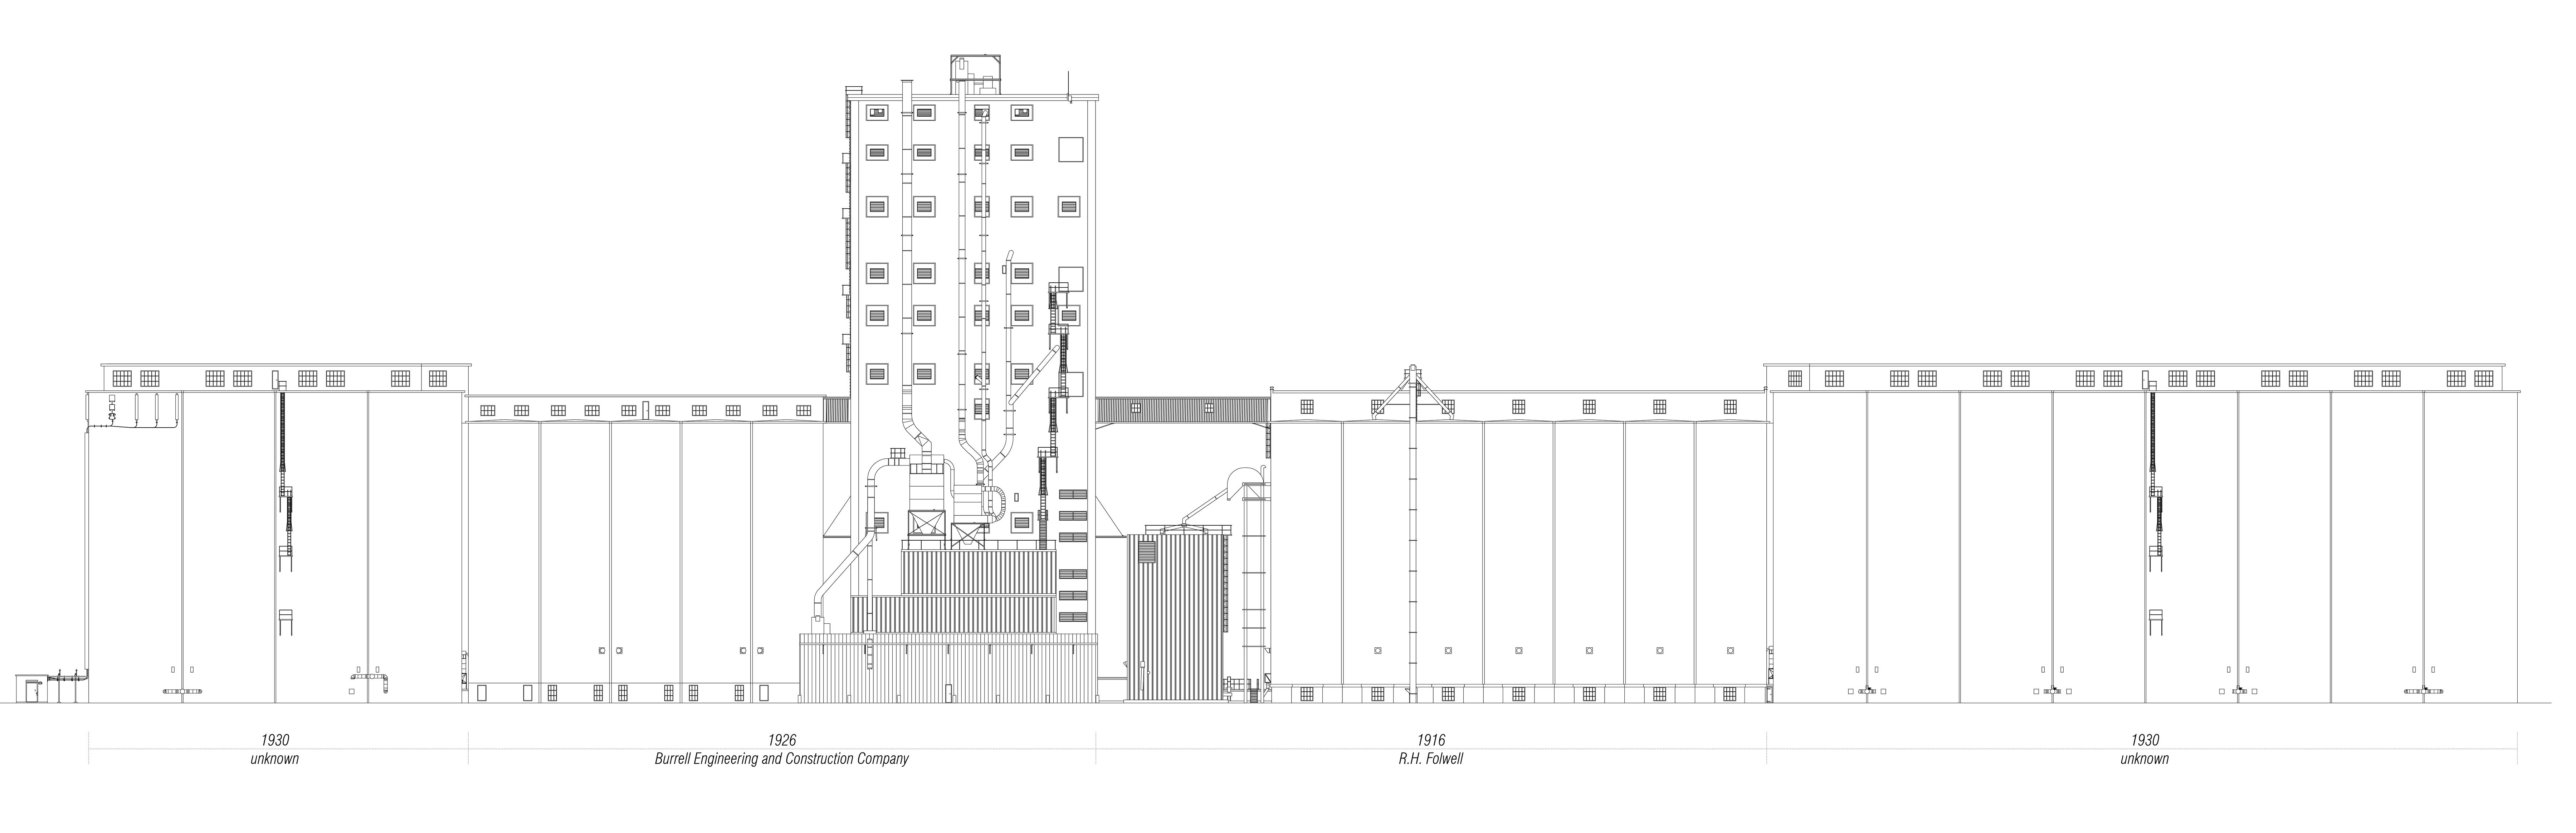 Construction Timeline Elevation